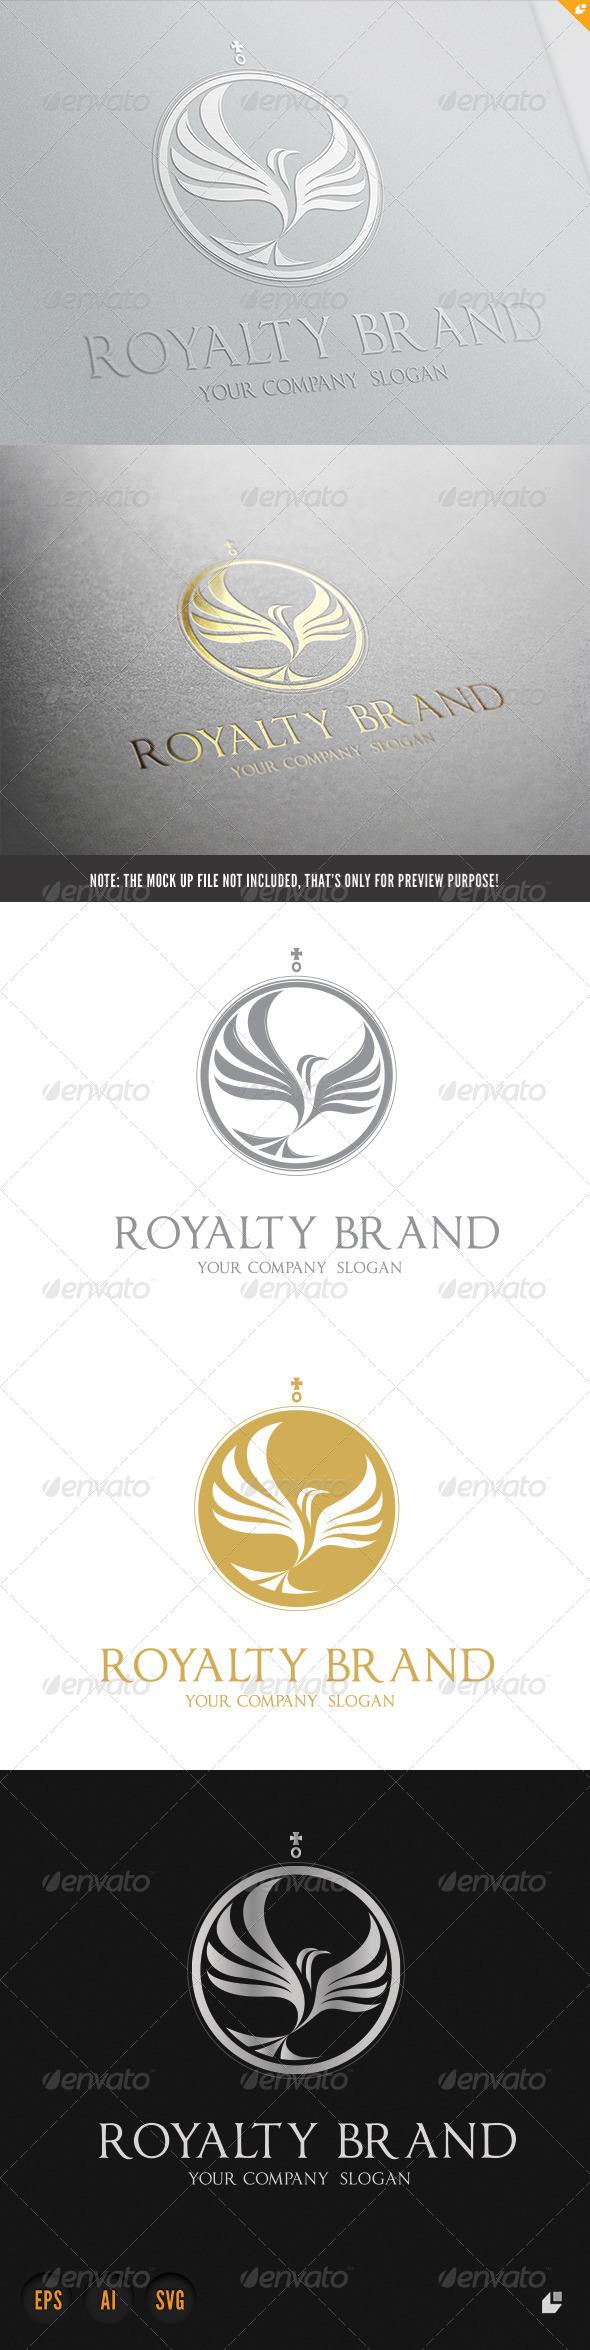 Royalty Brand